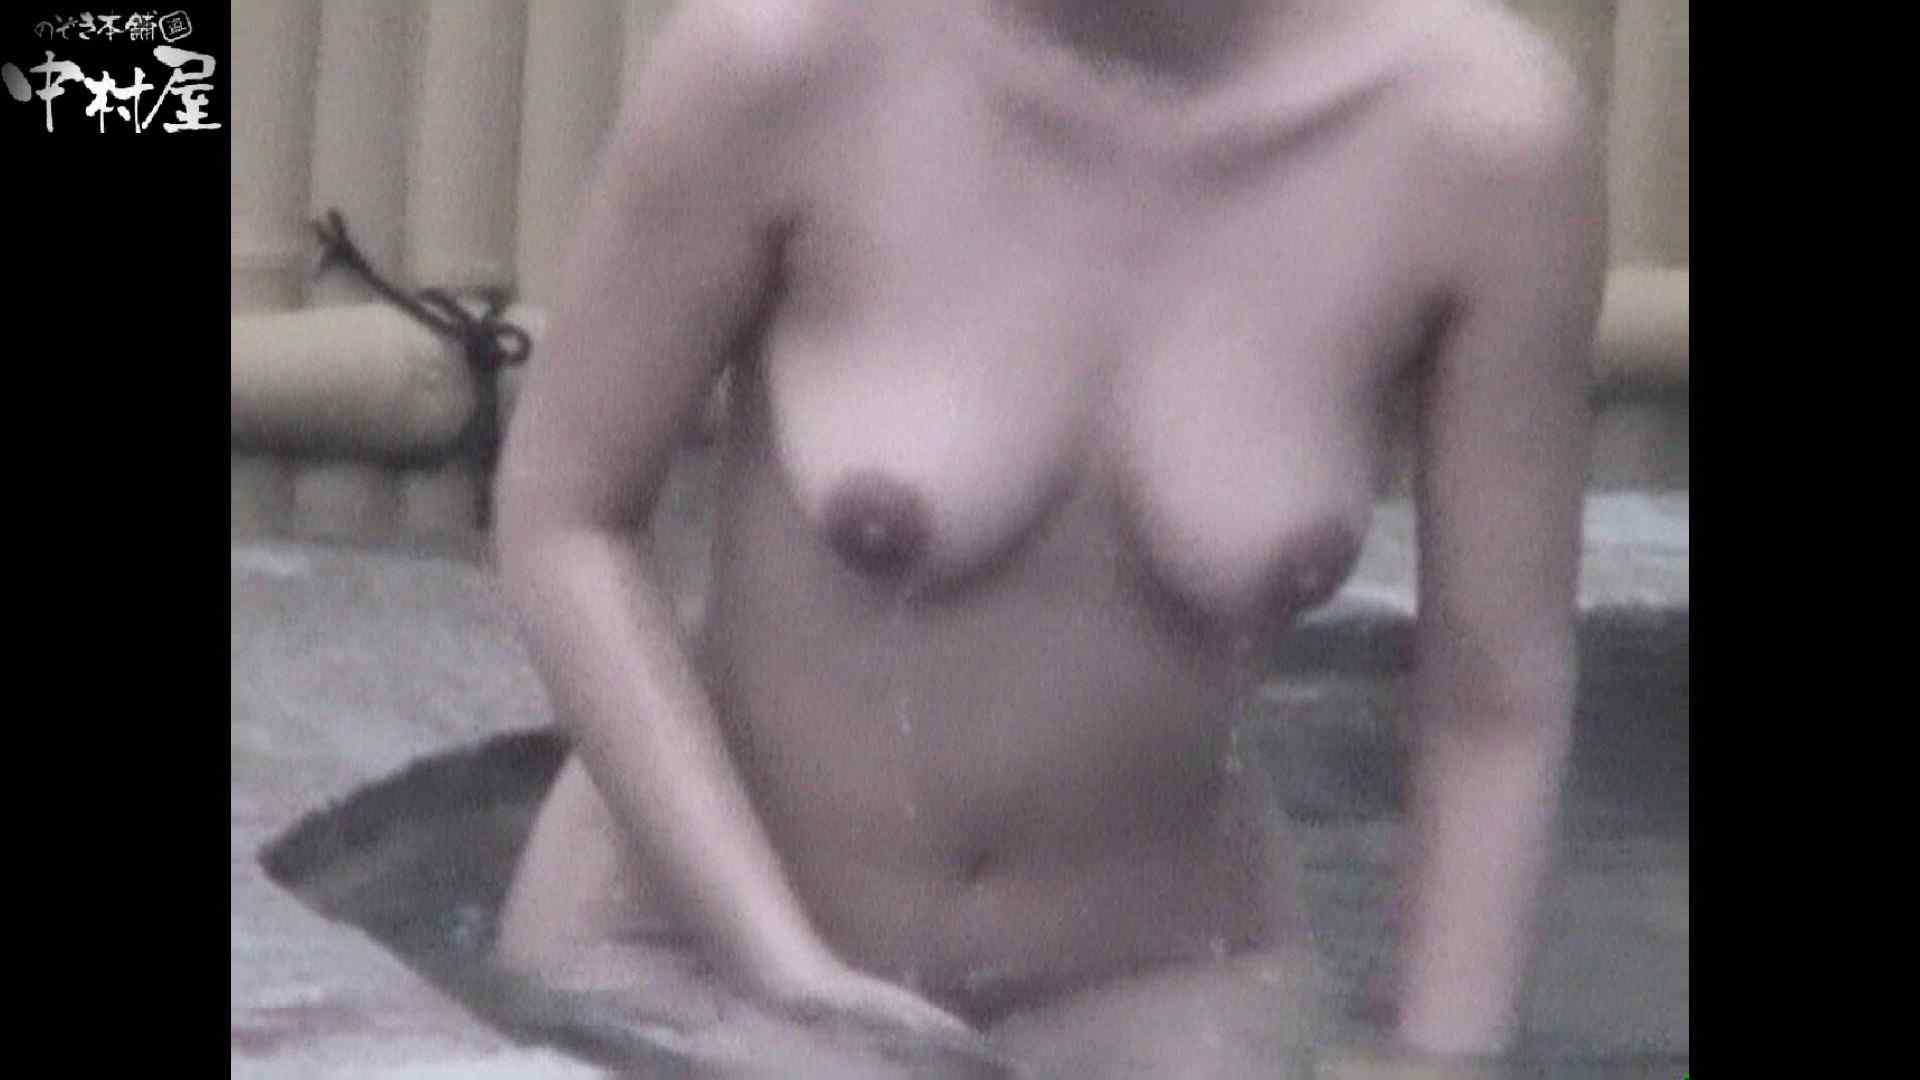 Aquaな露天風呂Vol.922 OLのエロ生活 エロ画像 45連発 14